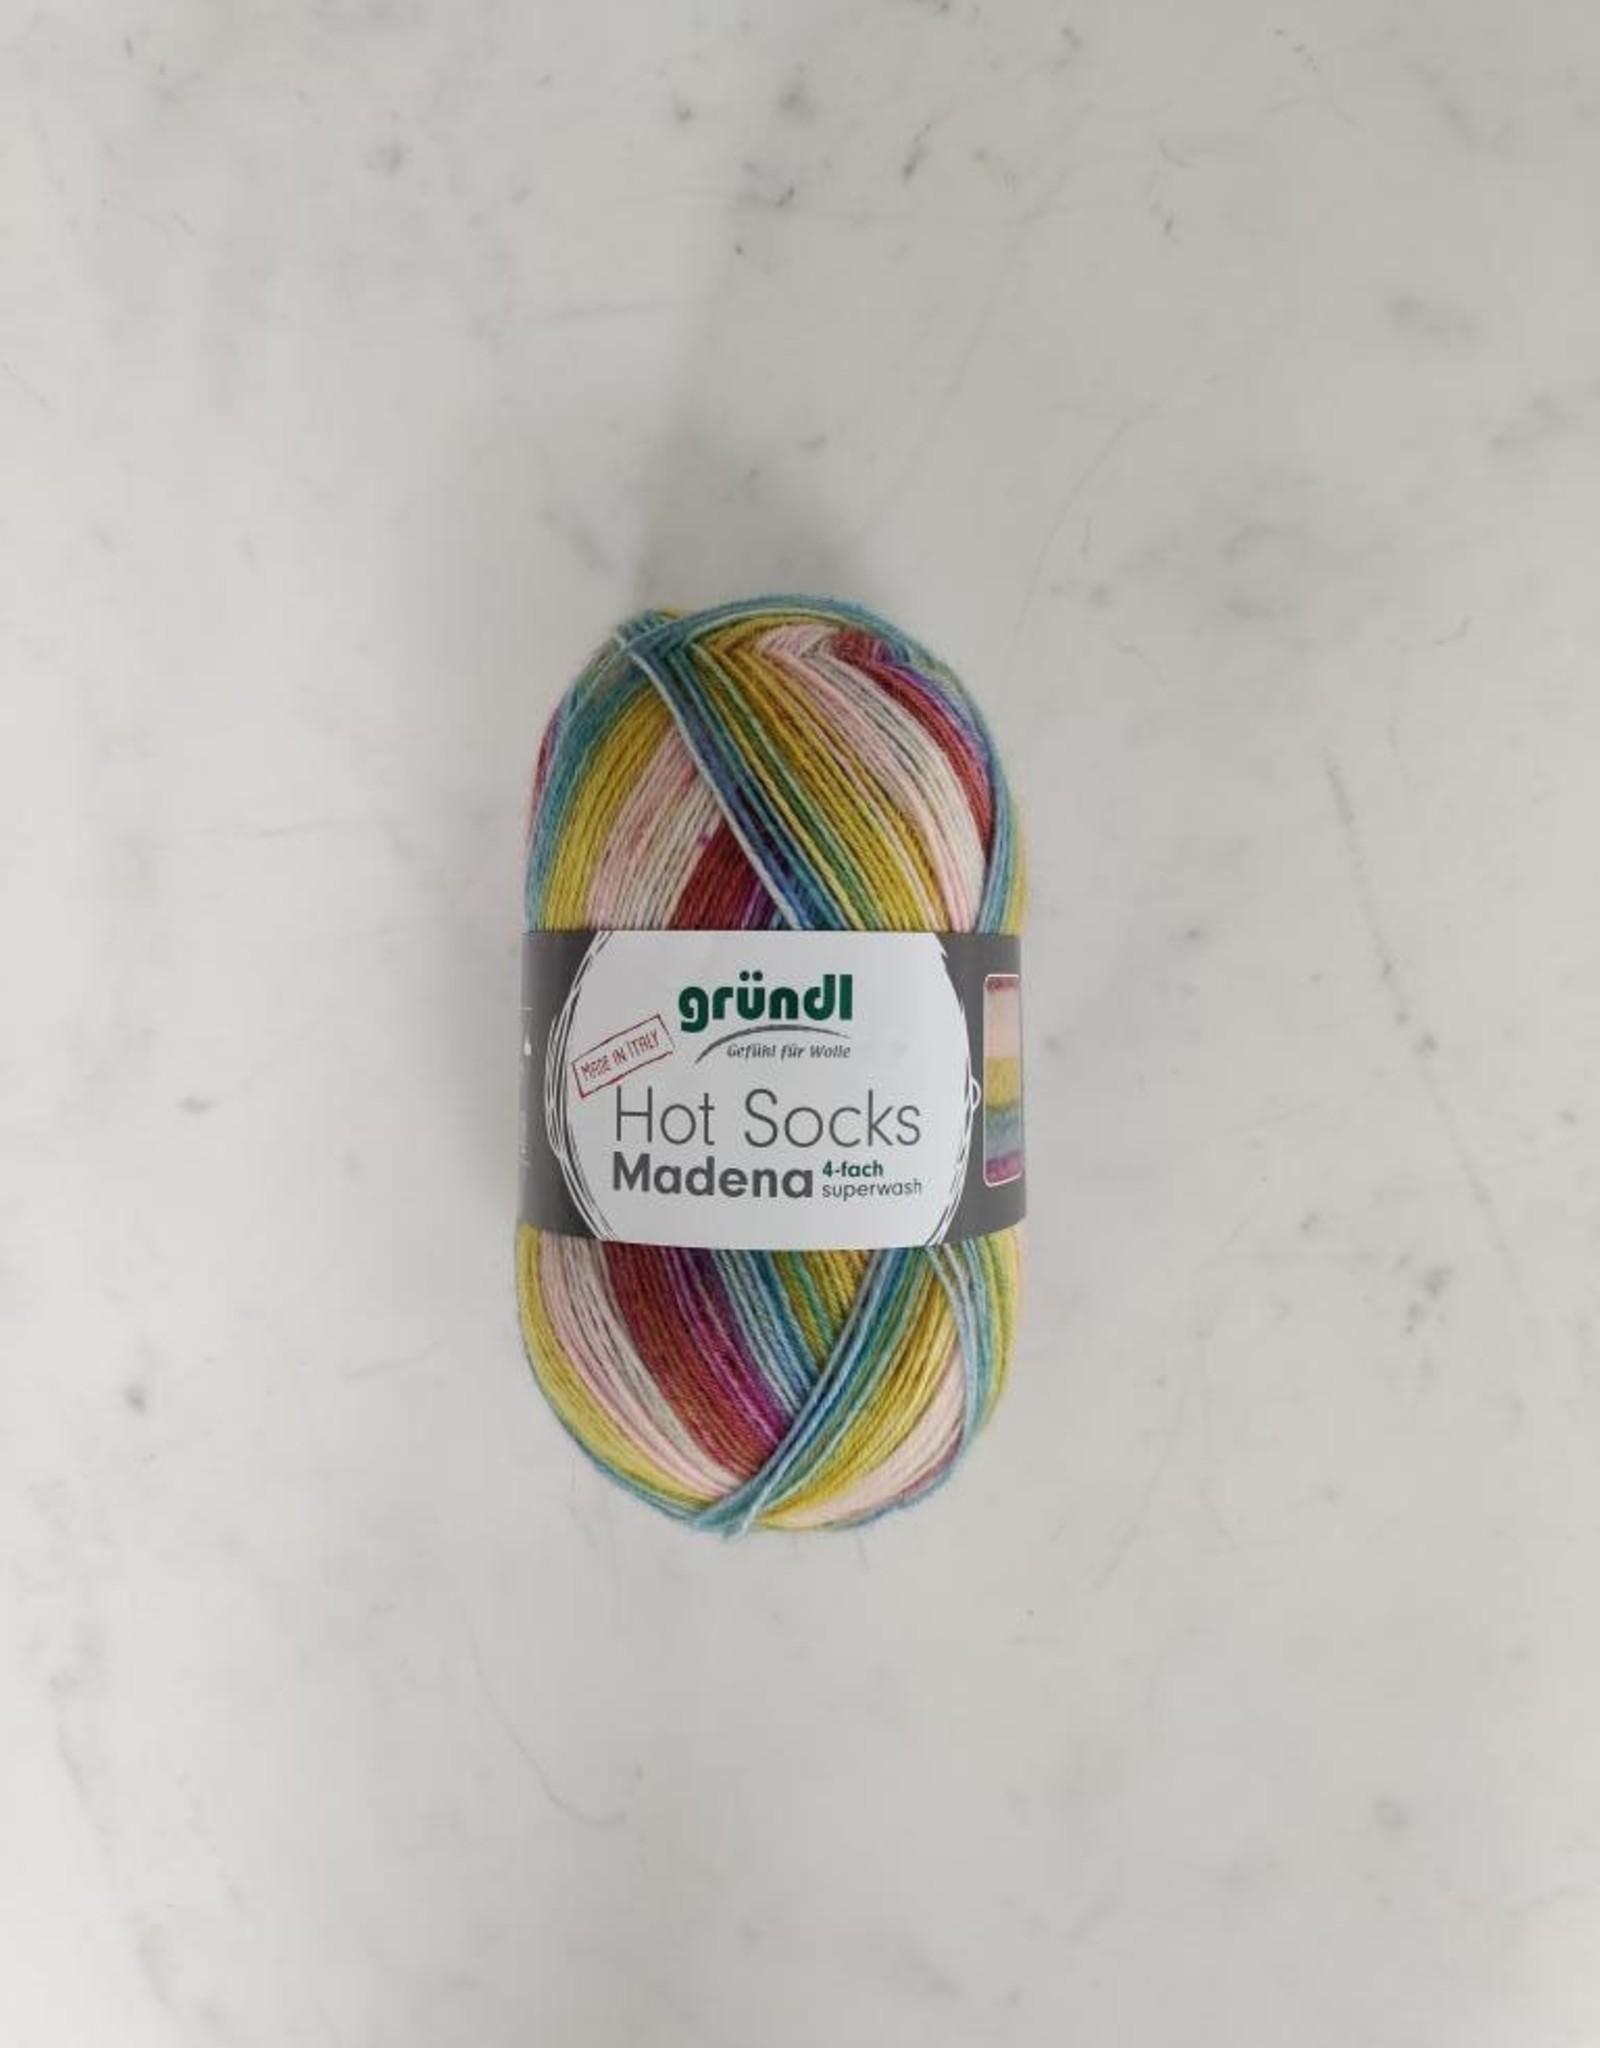 Gründl Gründl - Hot Socks Madena 001